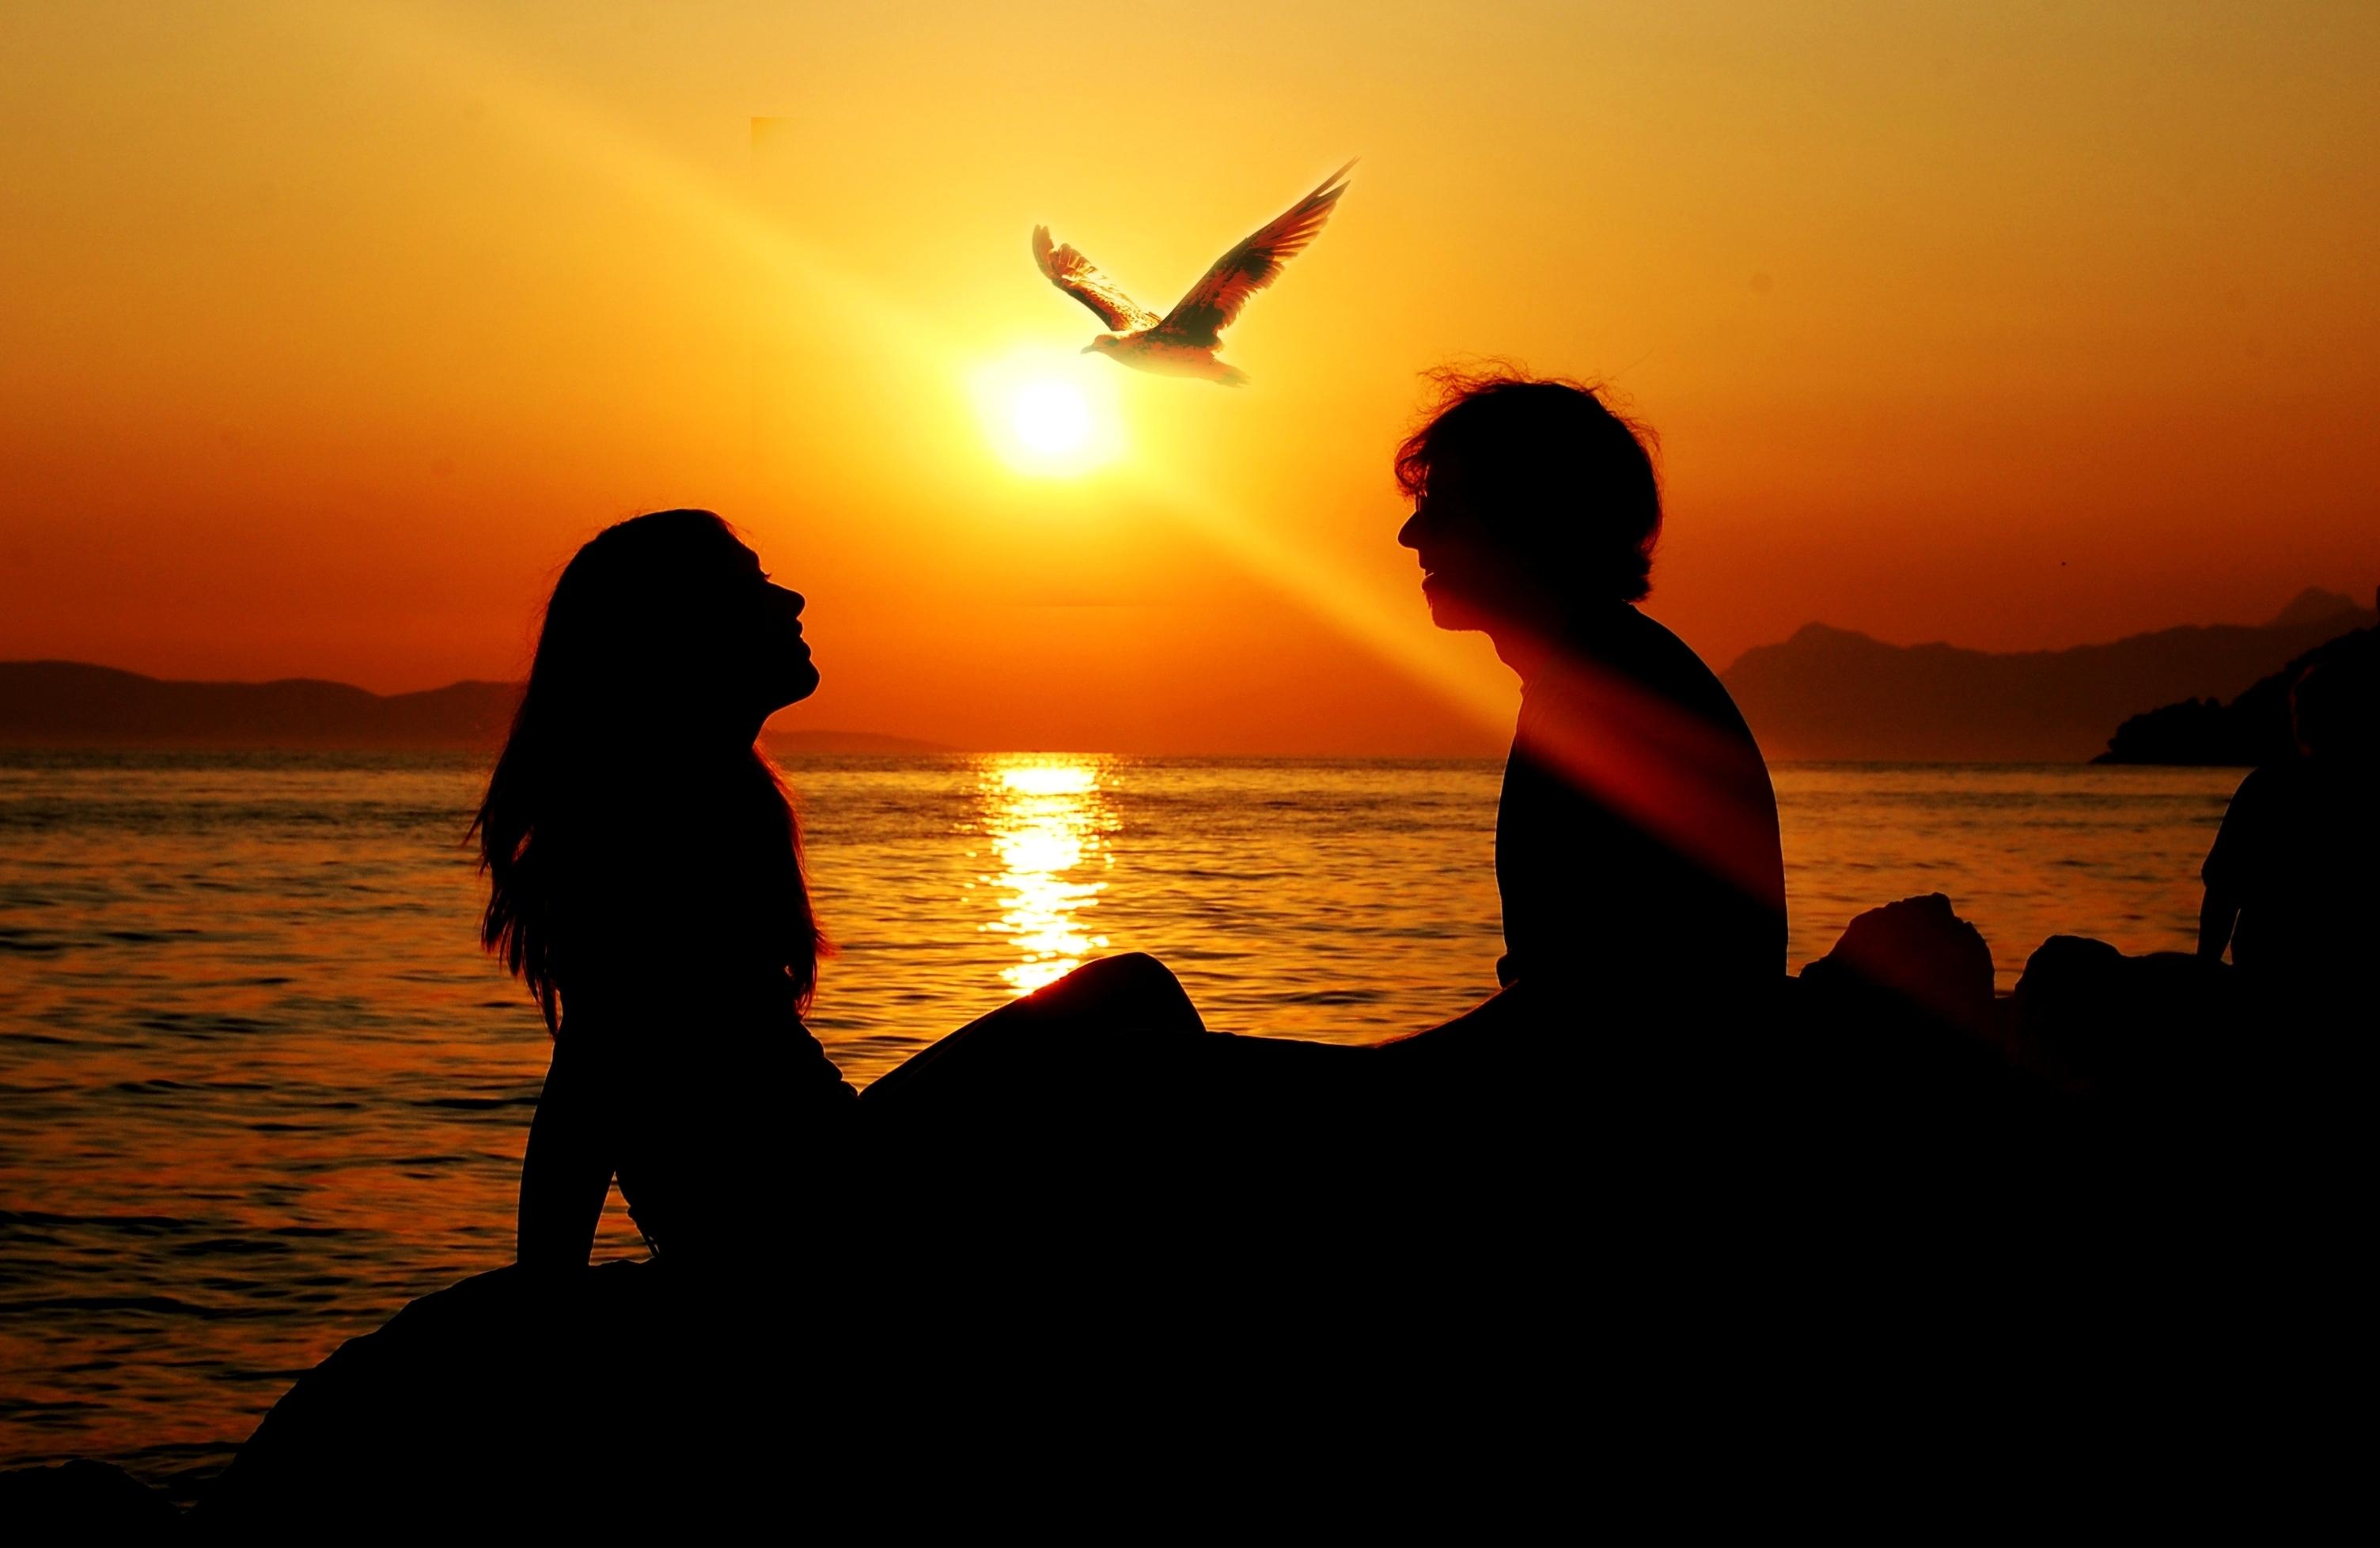 142027 télécharger le fond d'écran Fille, Coucher De Soleil, Été, Rayon, Amour, Mer, Homme, Oiseau, Liberté, Silhouette, Mouette, Sun - économiseurs d'écran et images gratuitement